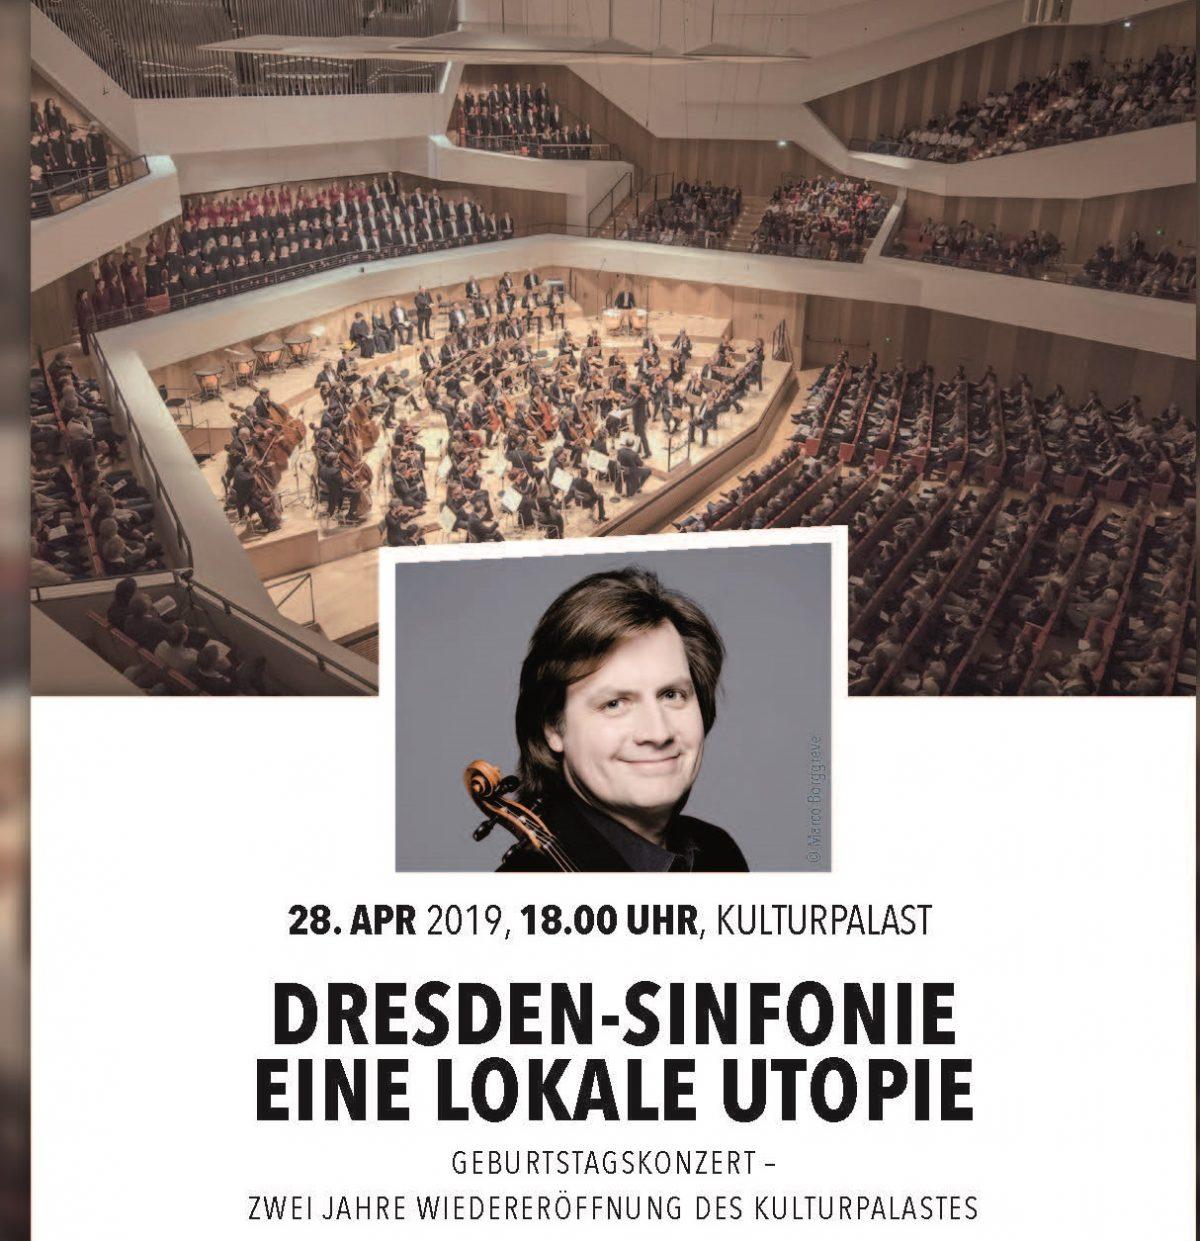 Dresden-Sinfonie, eine lokale Utopie